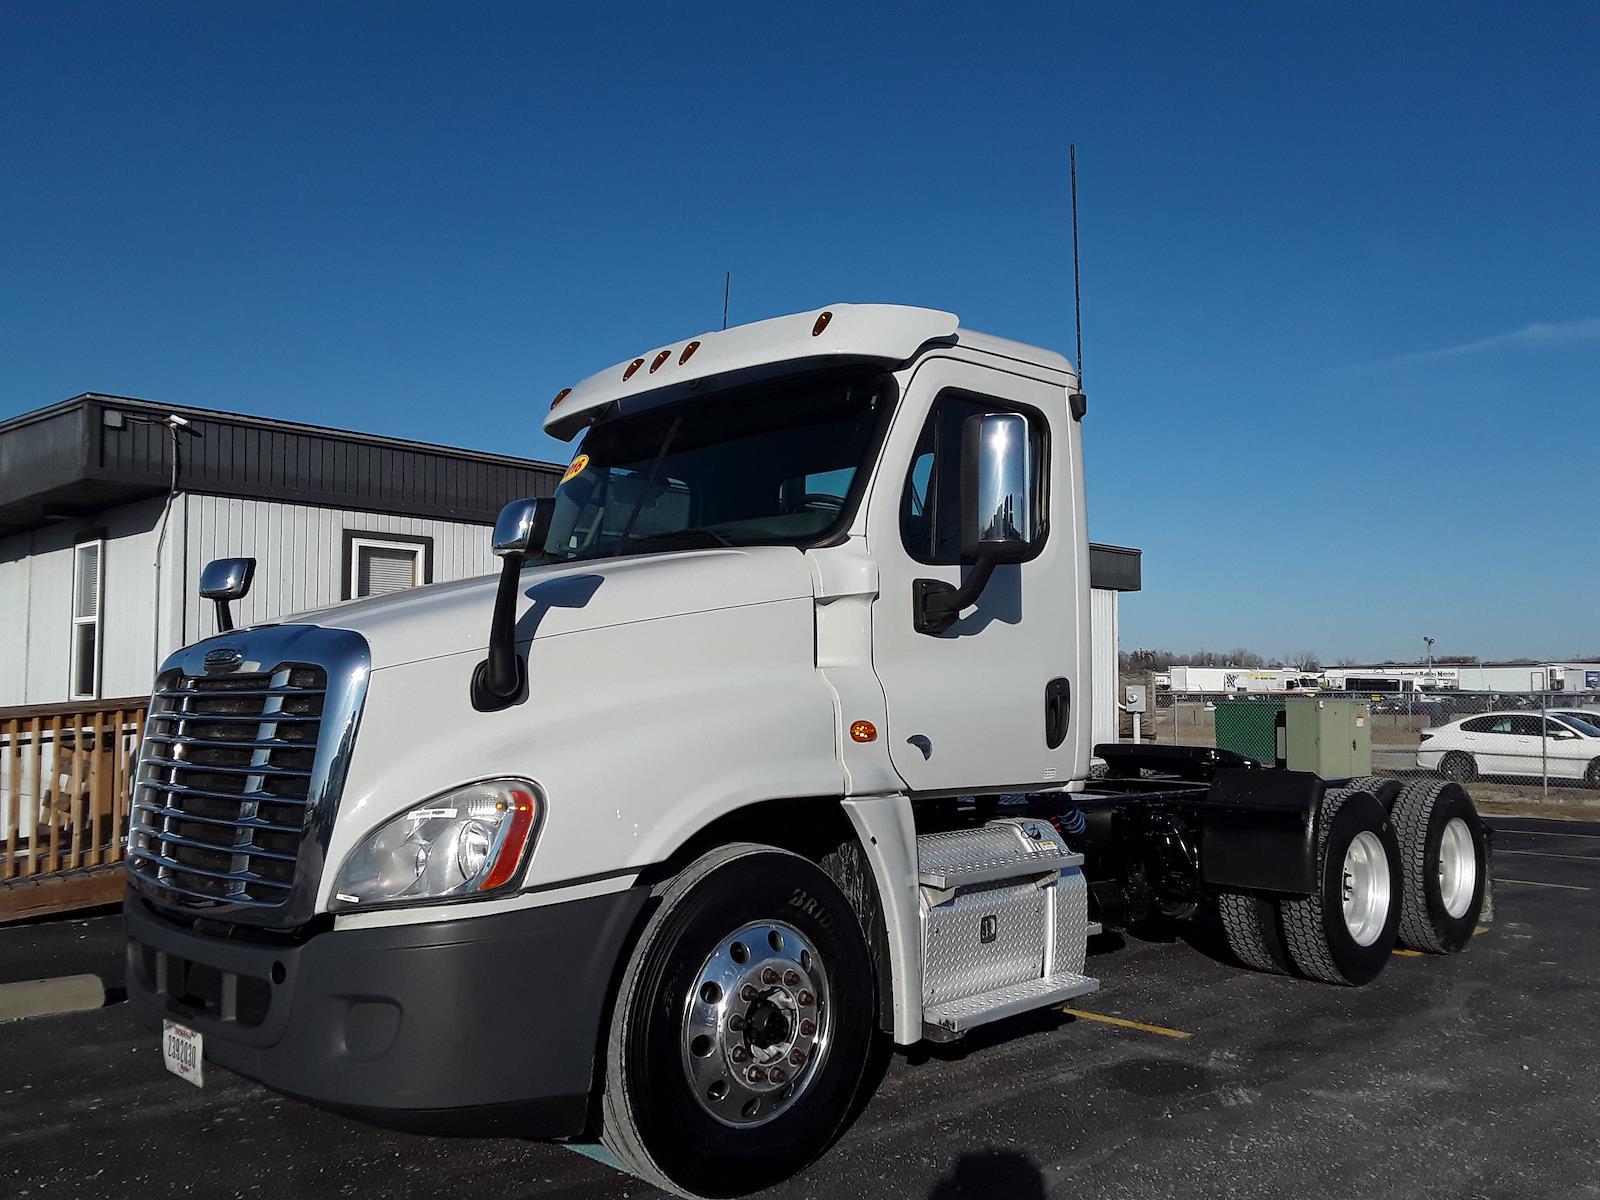 2016 Freightliner Truck 6x4, Tractor #648859 - photo 1